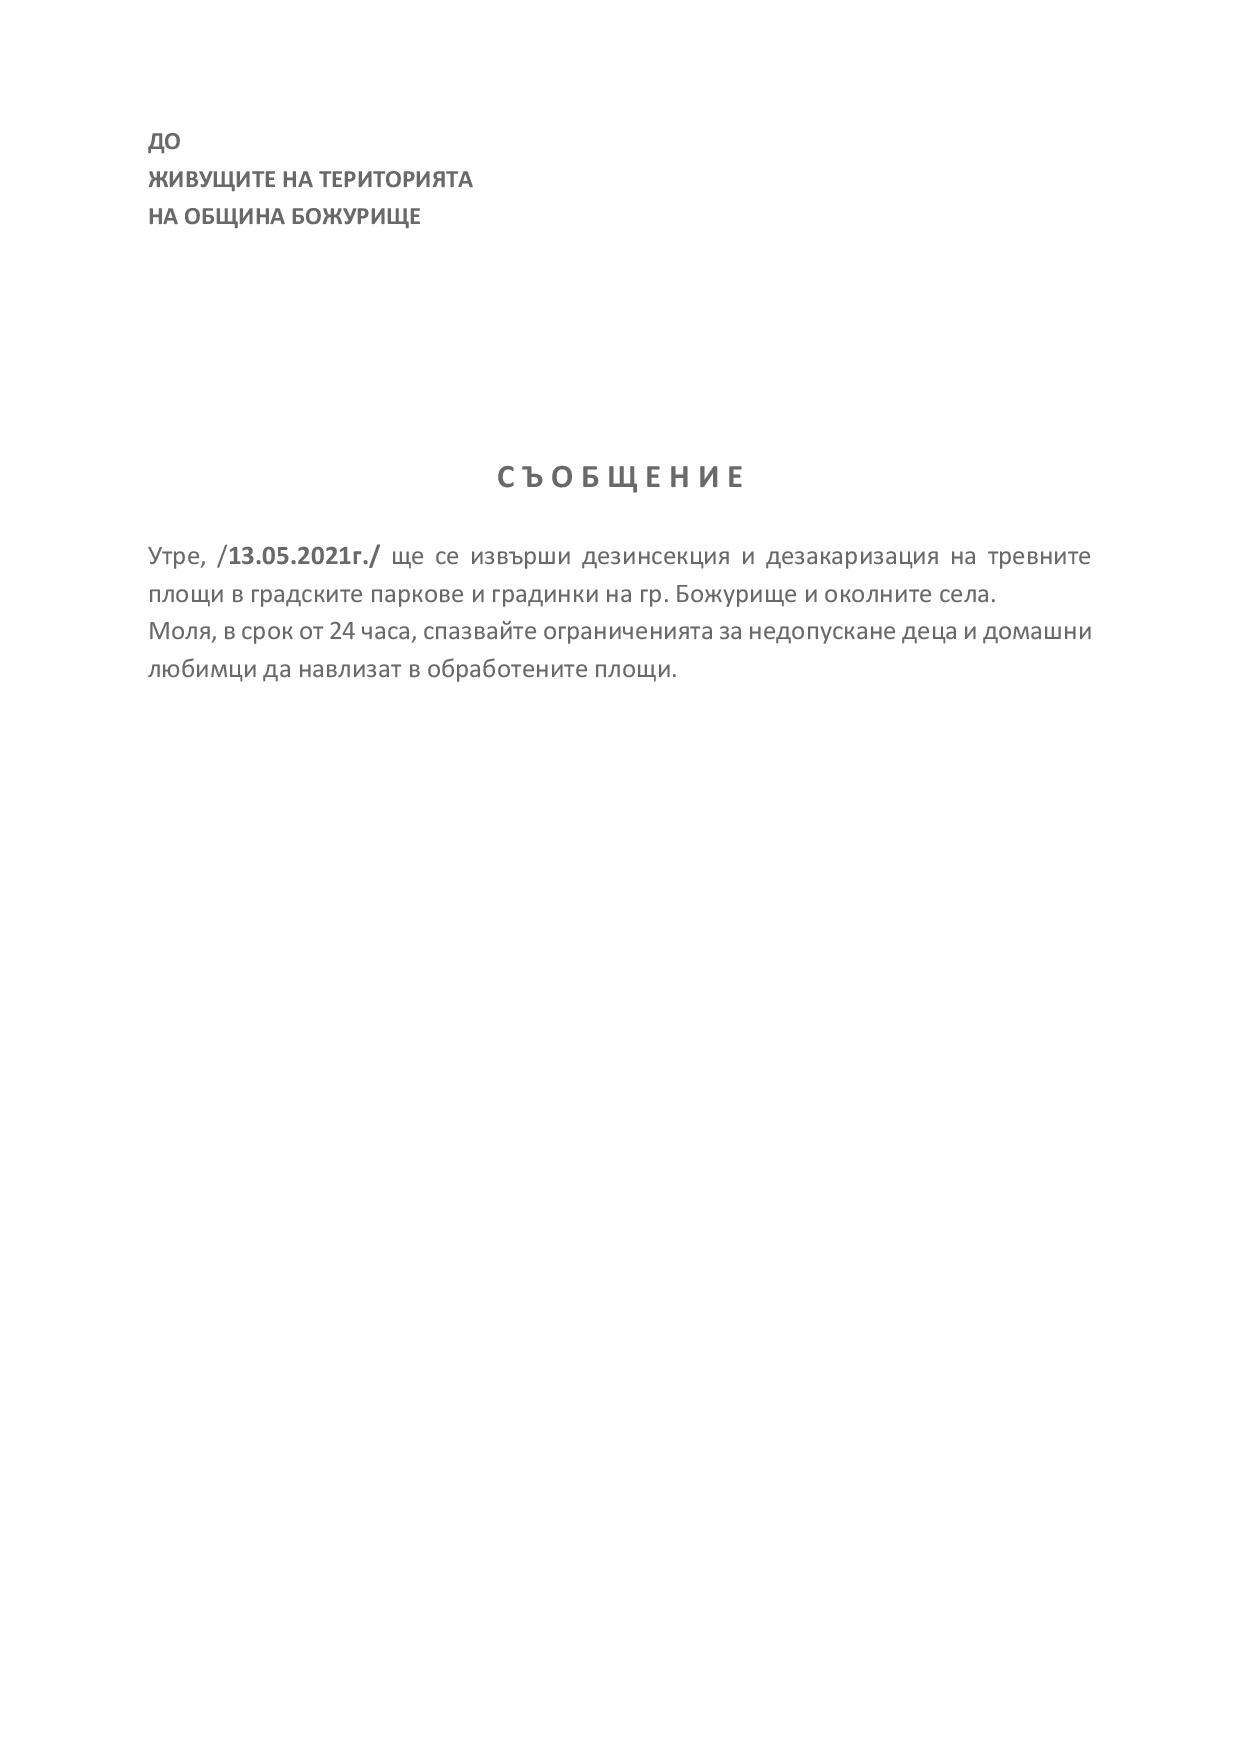 Съобщение за ДДД дейности-page-001